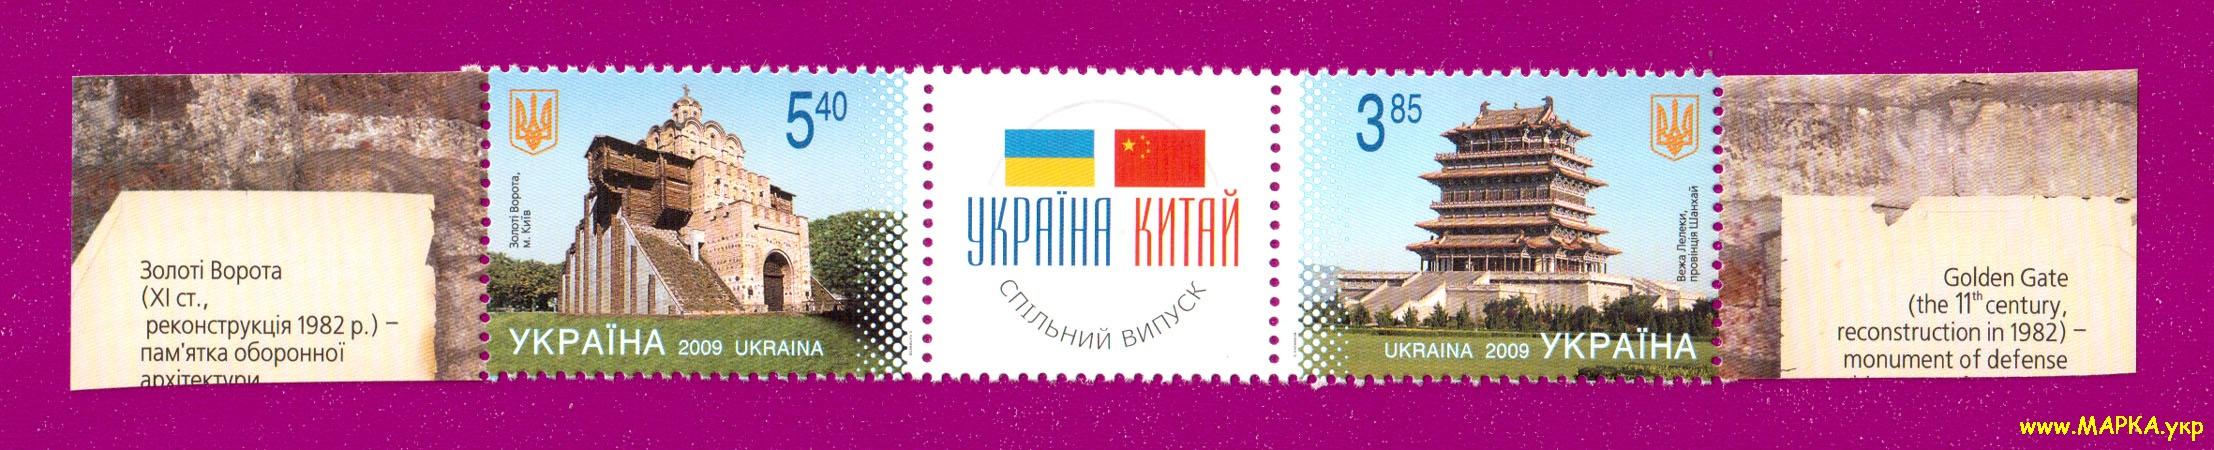 2009 сцепка Украина-Китай храмы религия Украина